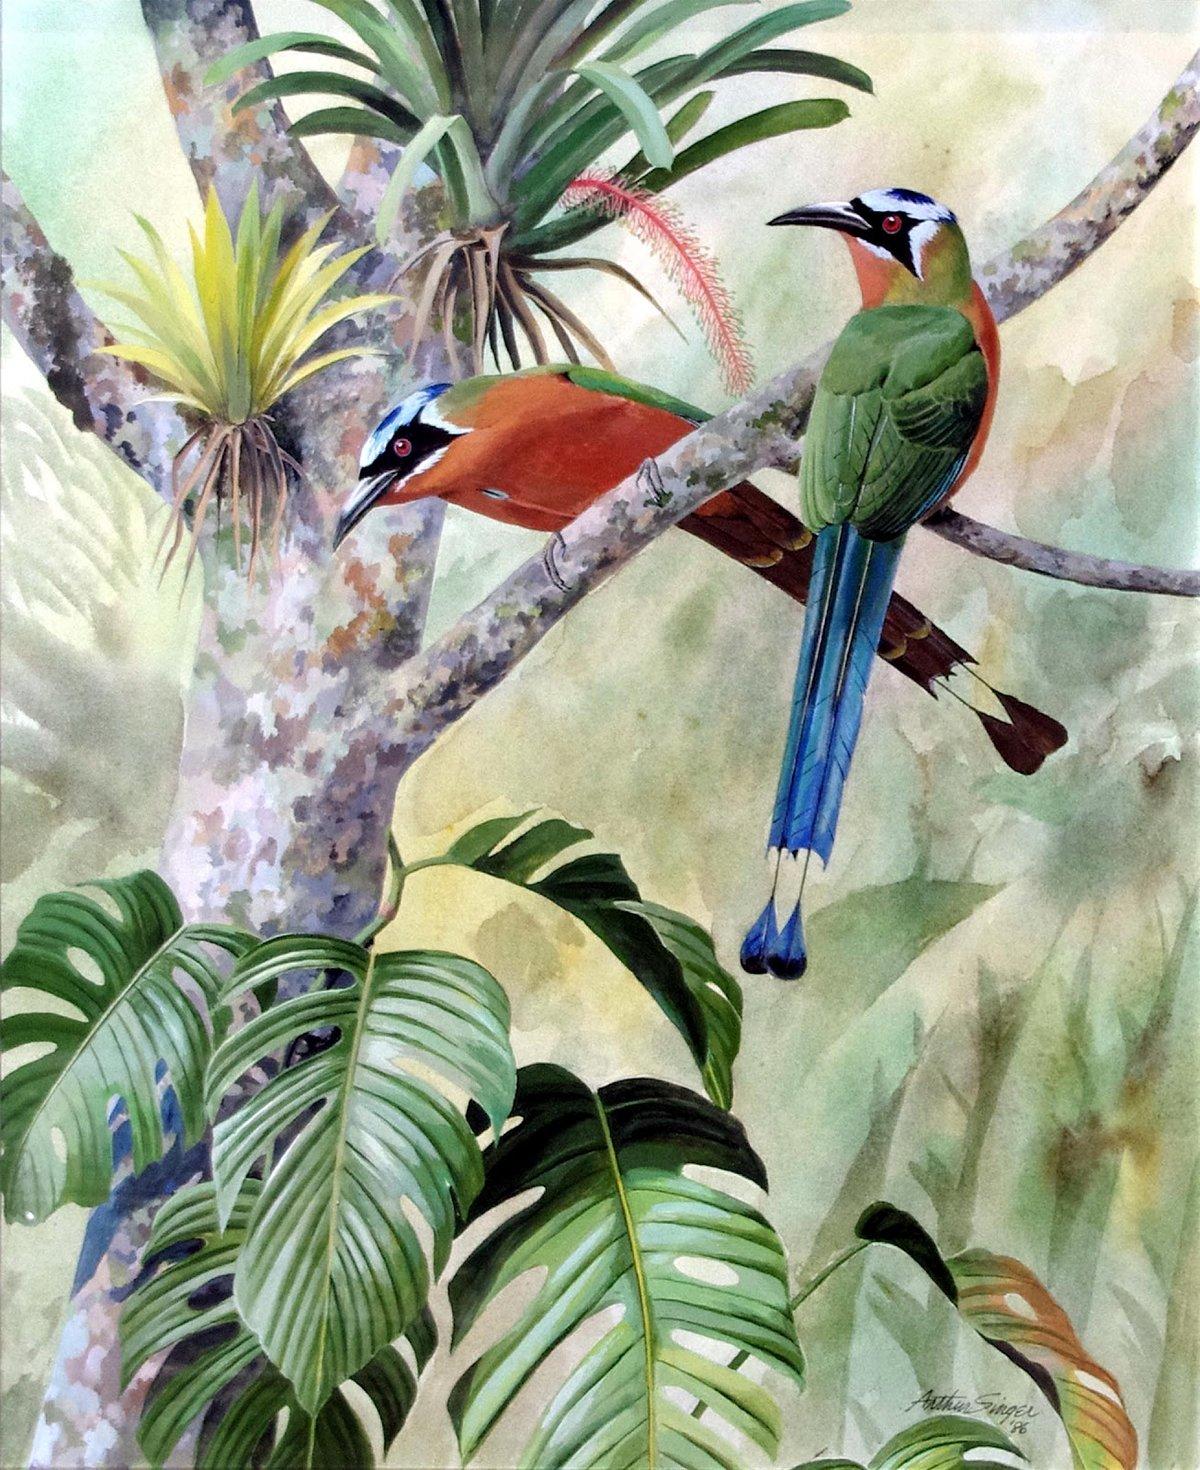 тропическая птица рисунок девушки, растянутых